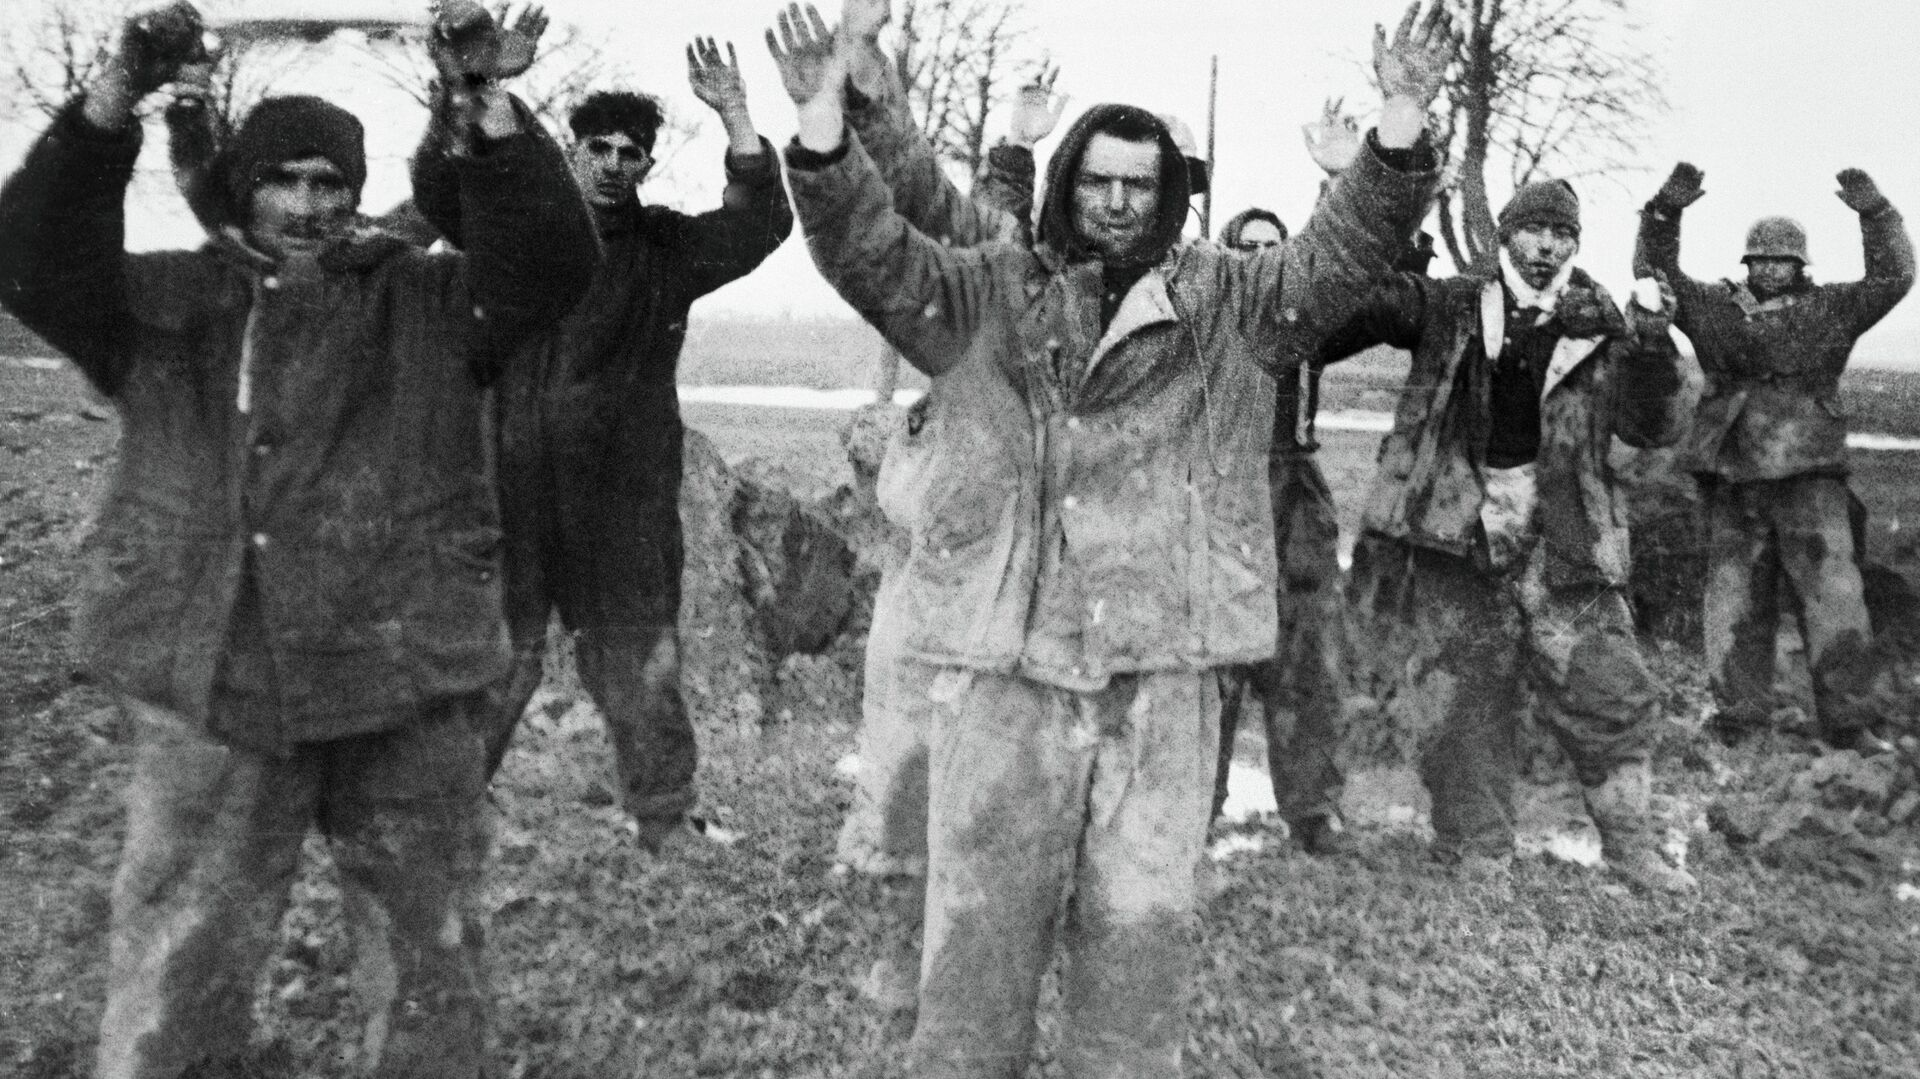 Немецкие солдаты сдаются в плен - РИА Новости, 1920, 25.01.2021